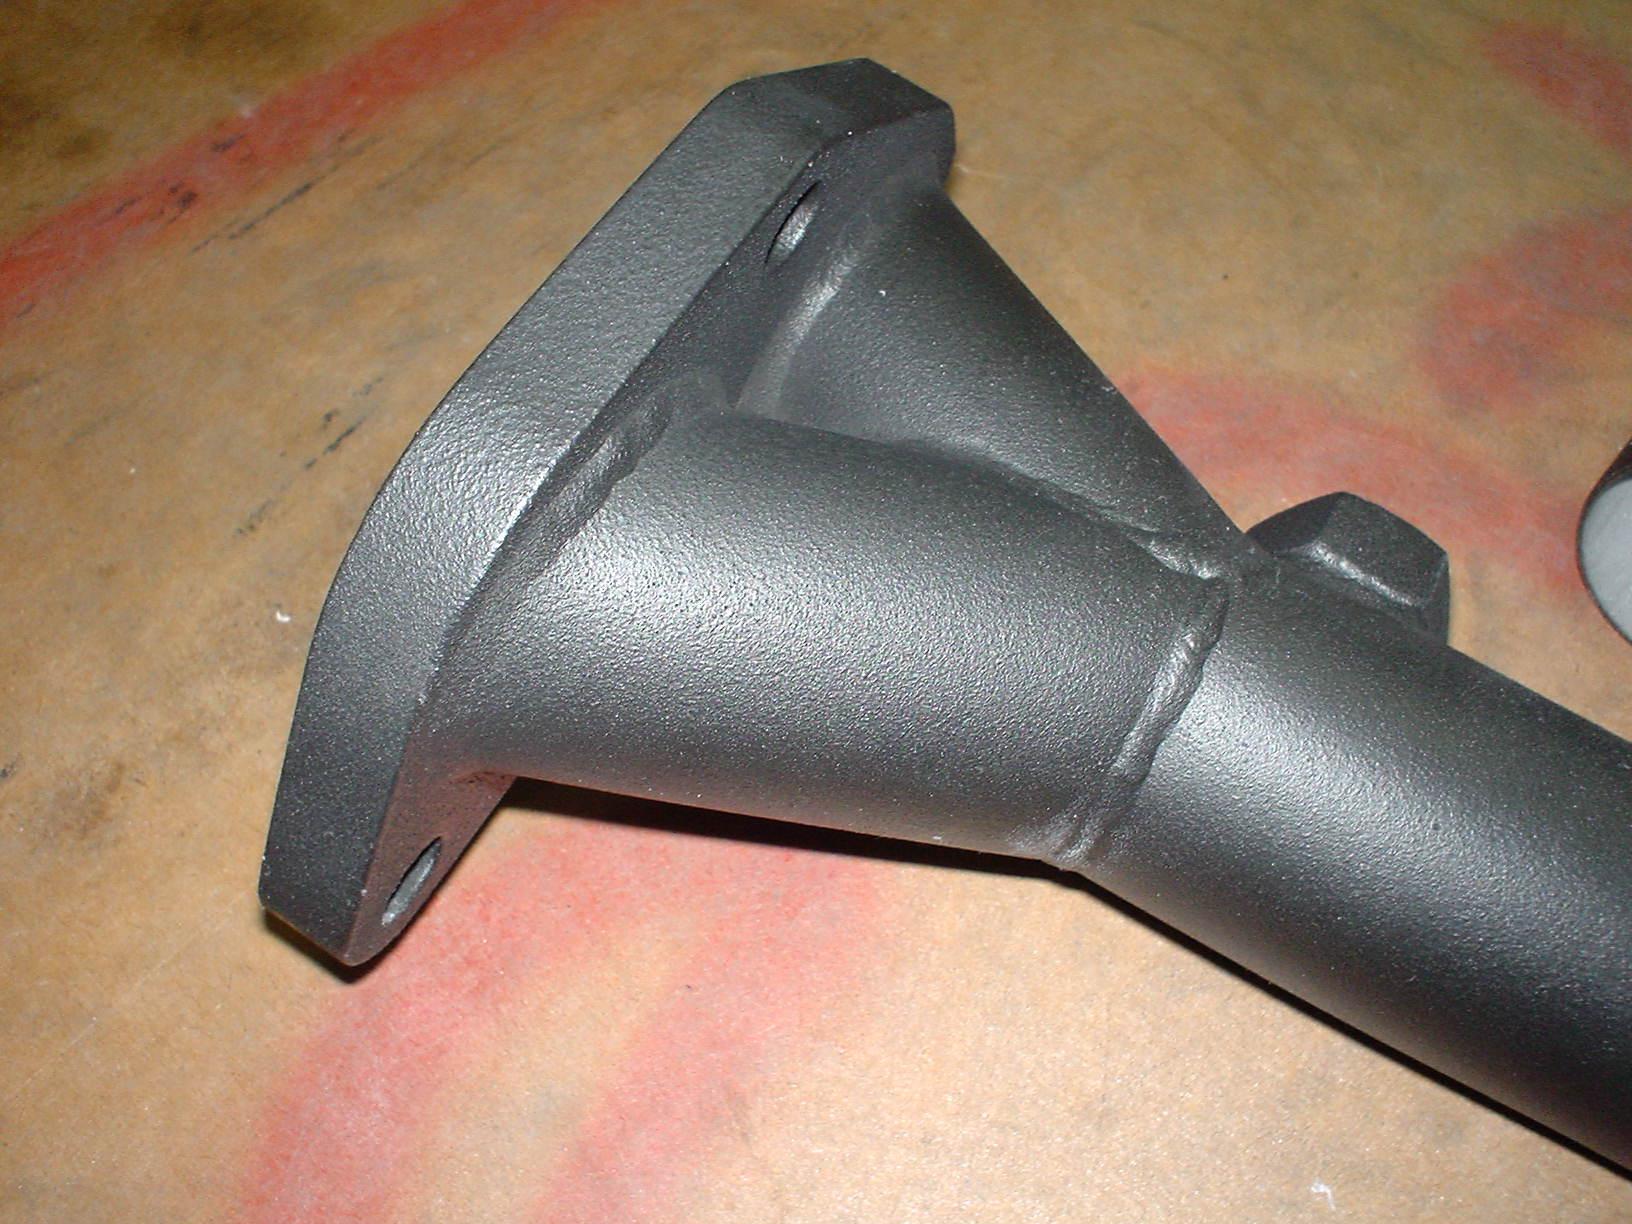 mickey s rv8 site   jet hot ceramic coating on exhaust pipes. How To Ceramic Coat Exhaust   Ceramic Pabburi